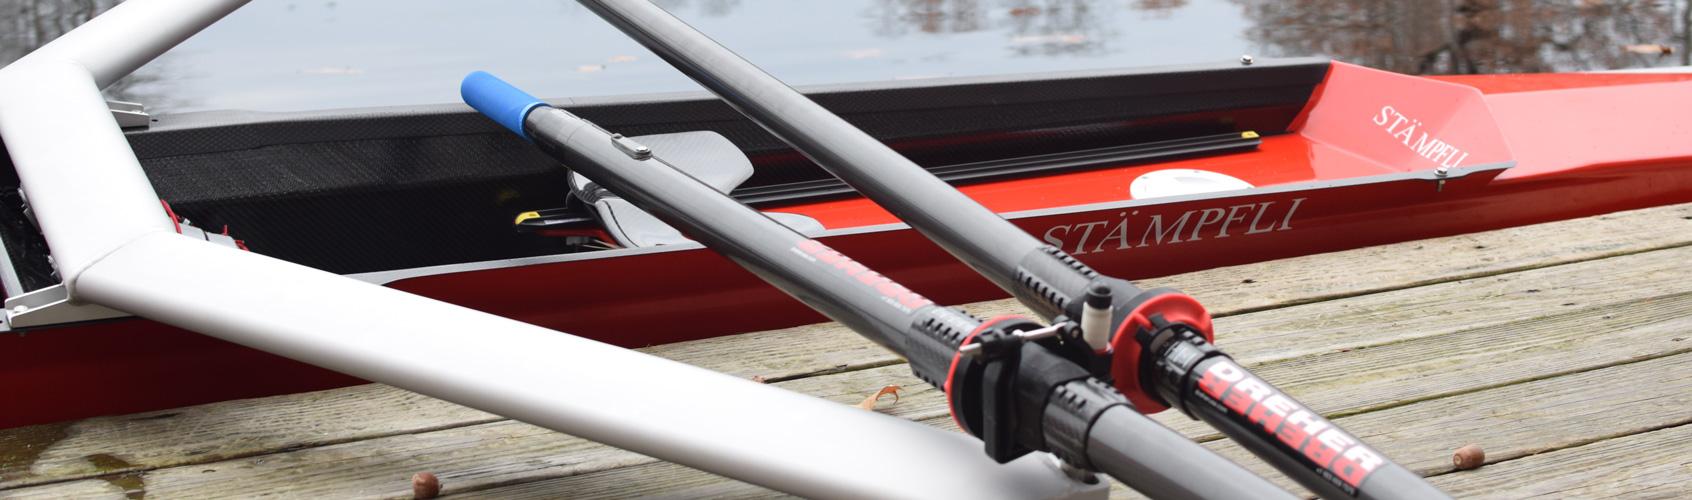 Stampfli Racing Boats